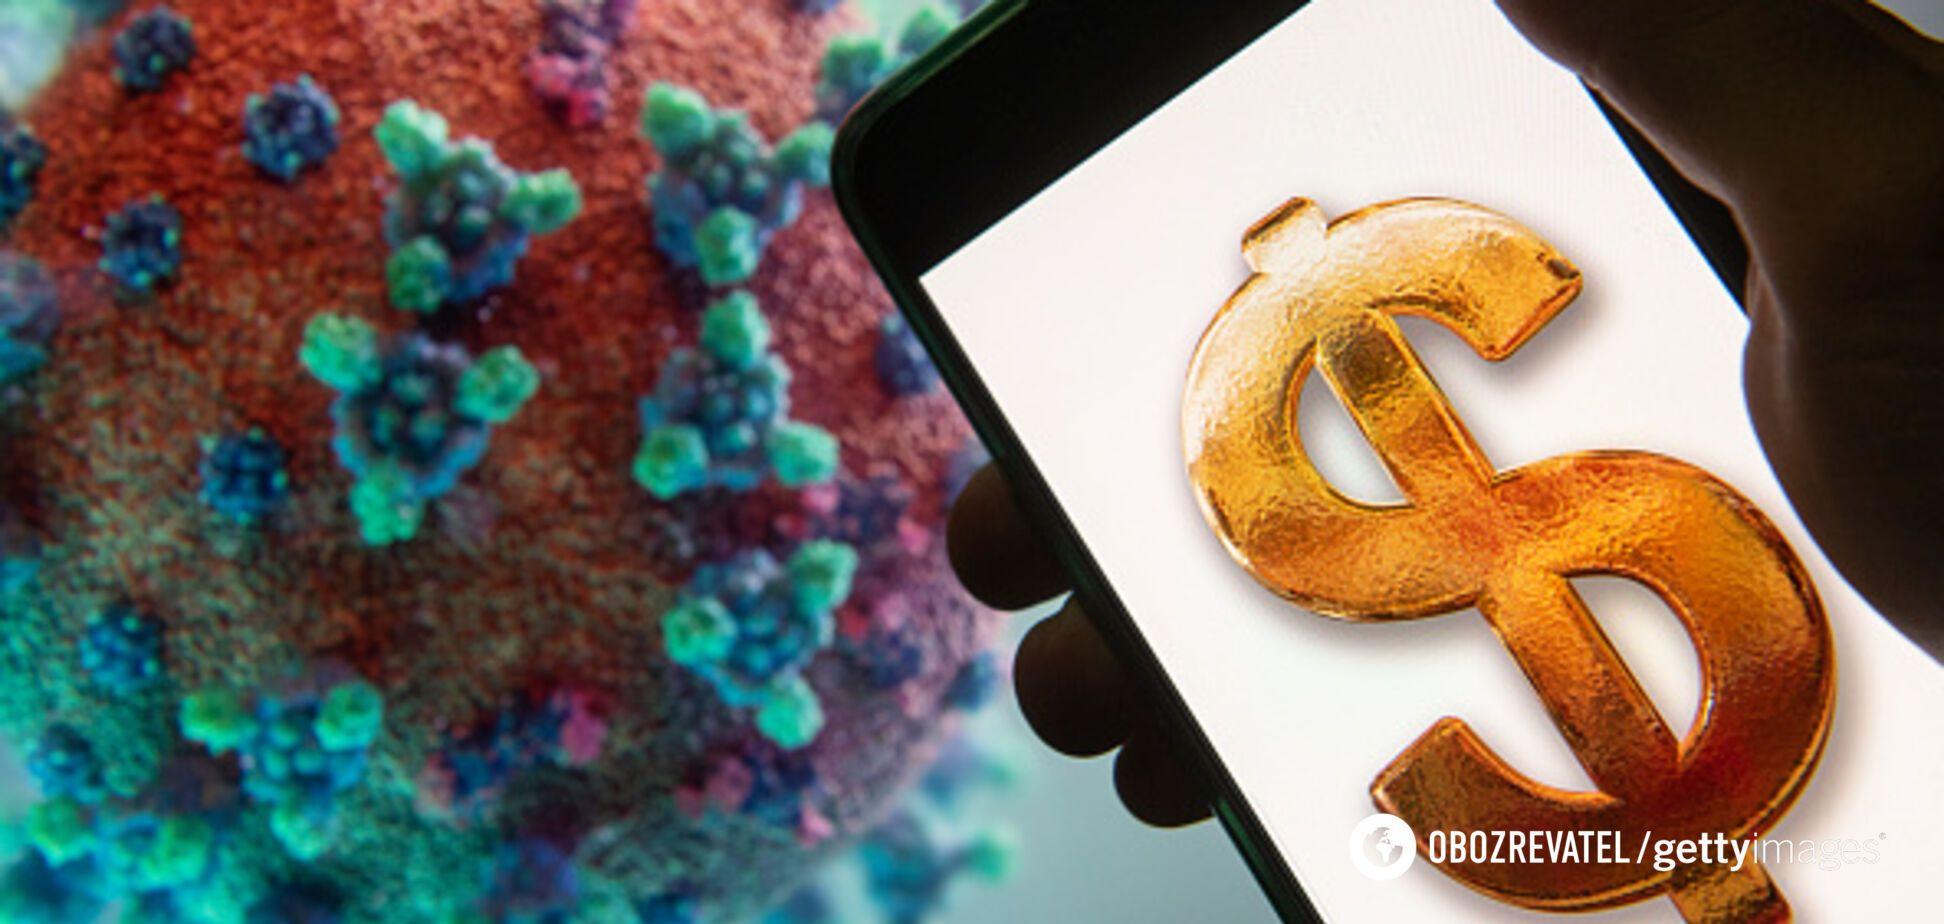 Епідемія коронавірусу: багатії втратили більше $400 млрд